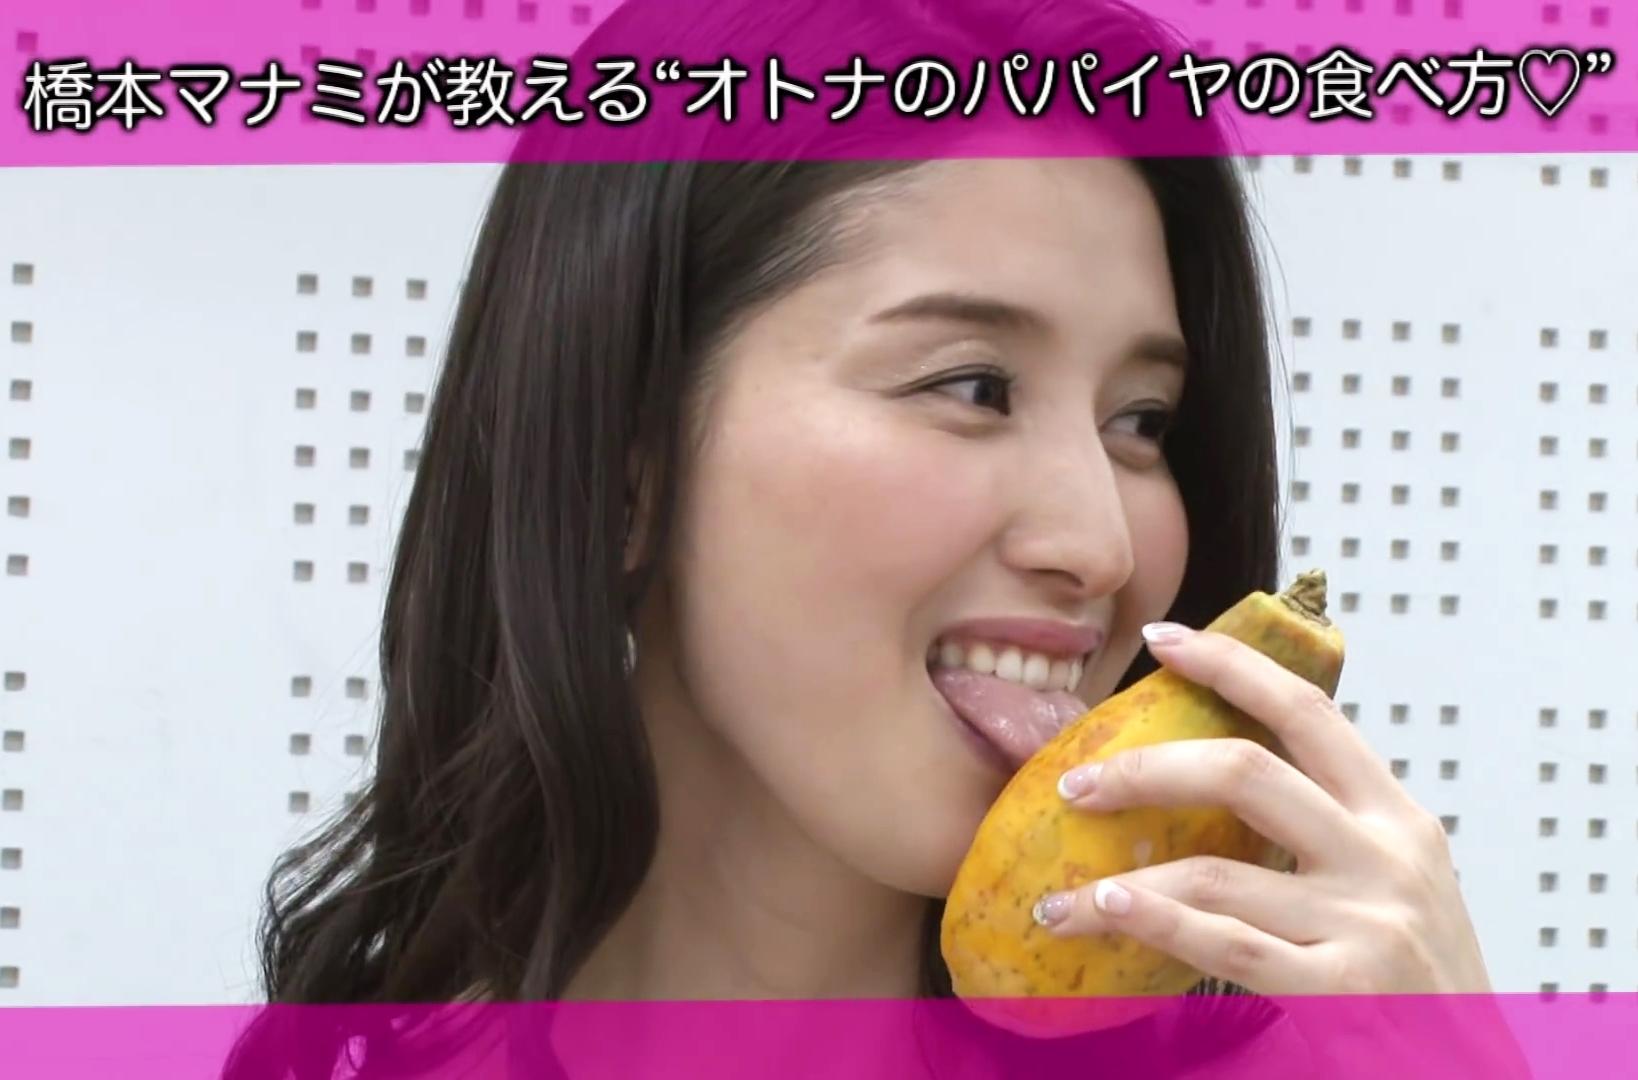 橋本マナミのパパイヤ舐め (7)